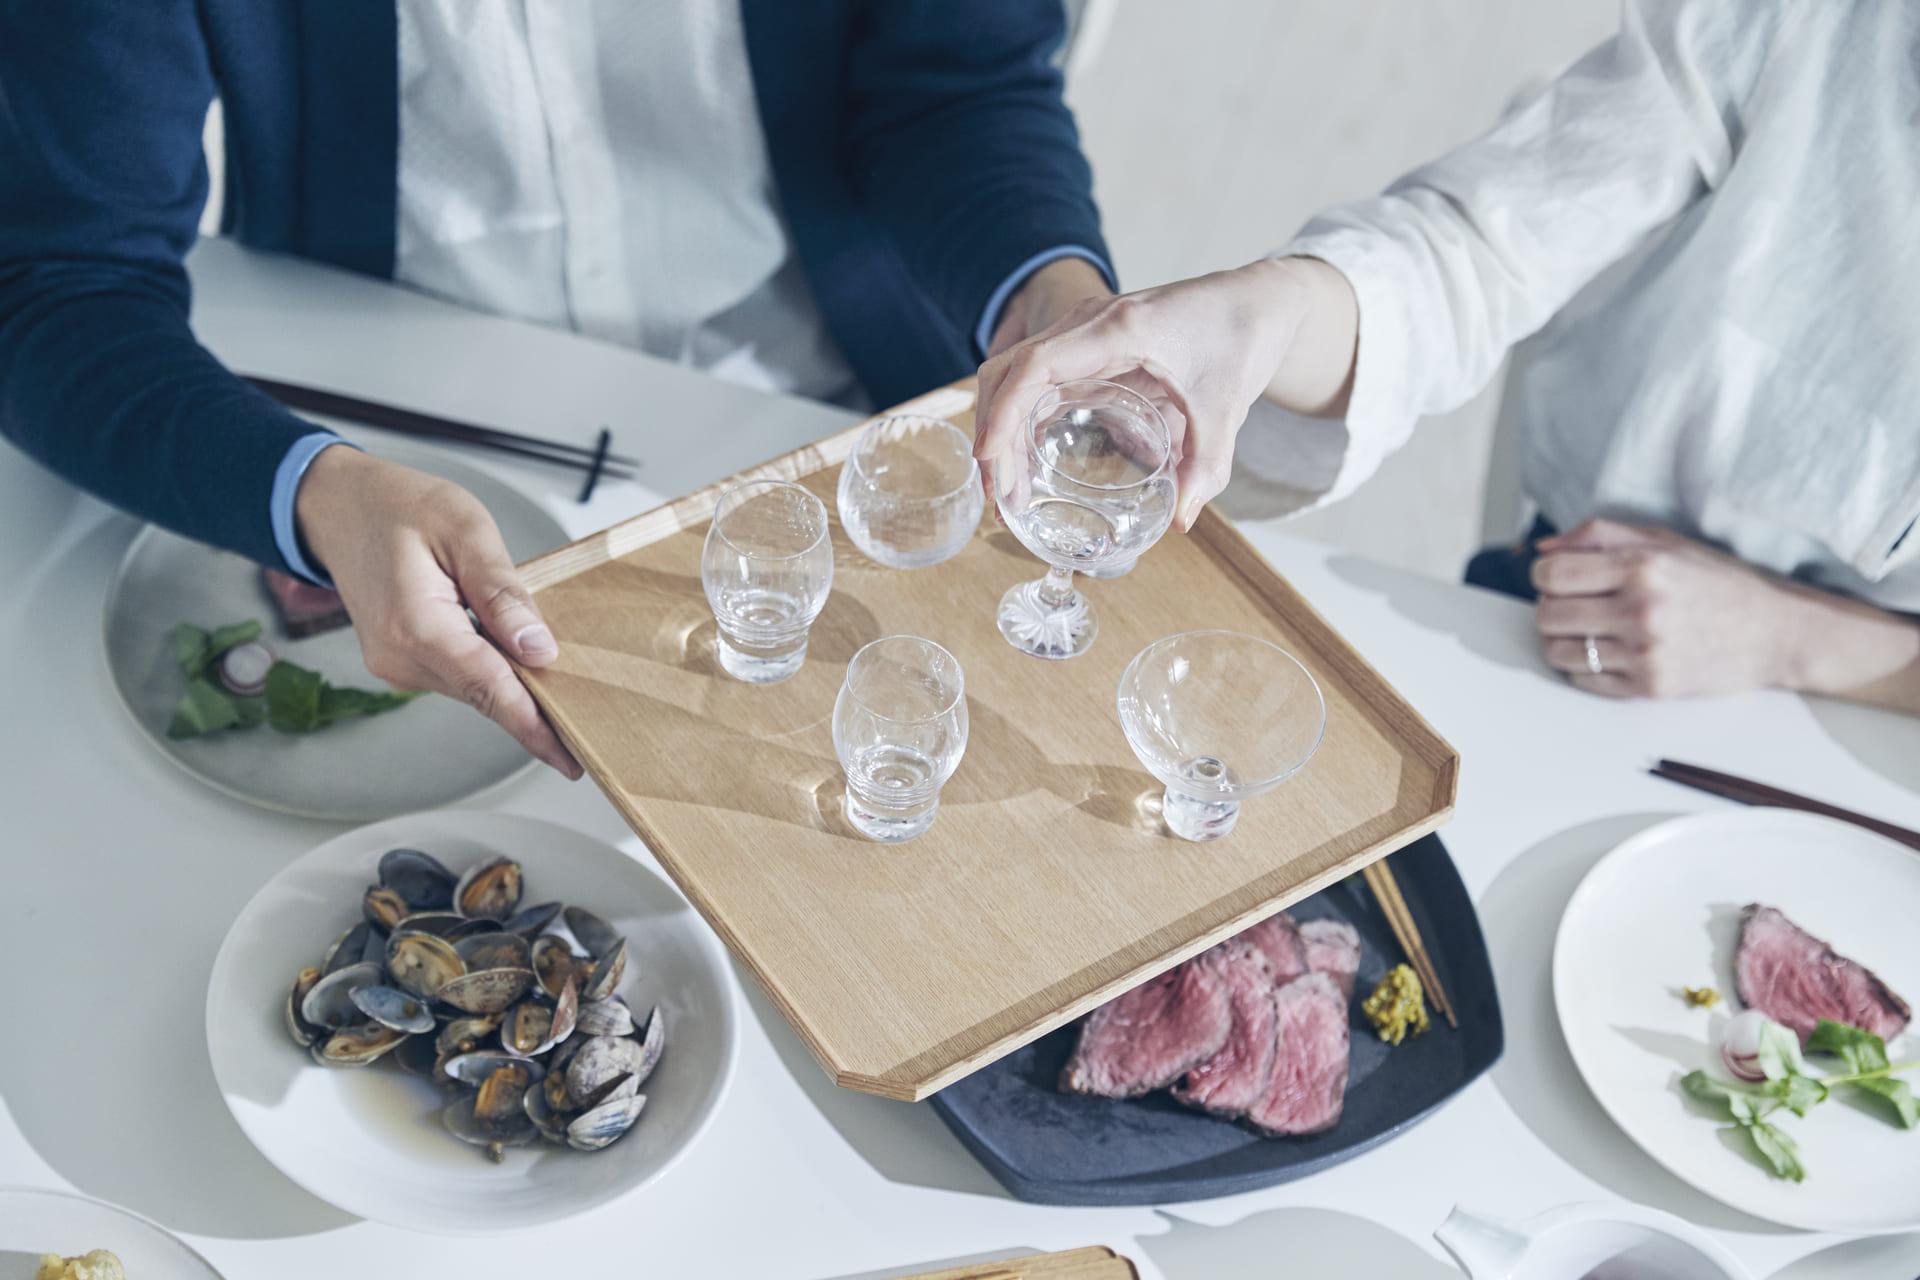 日本酒を飲むなら酒器にもこだわりを。種類や味わいの違い